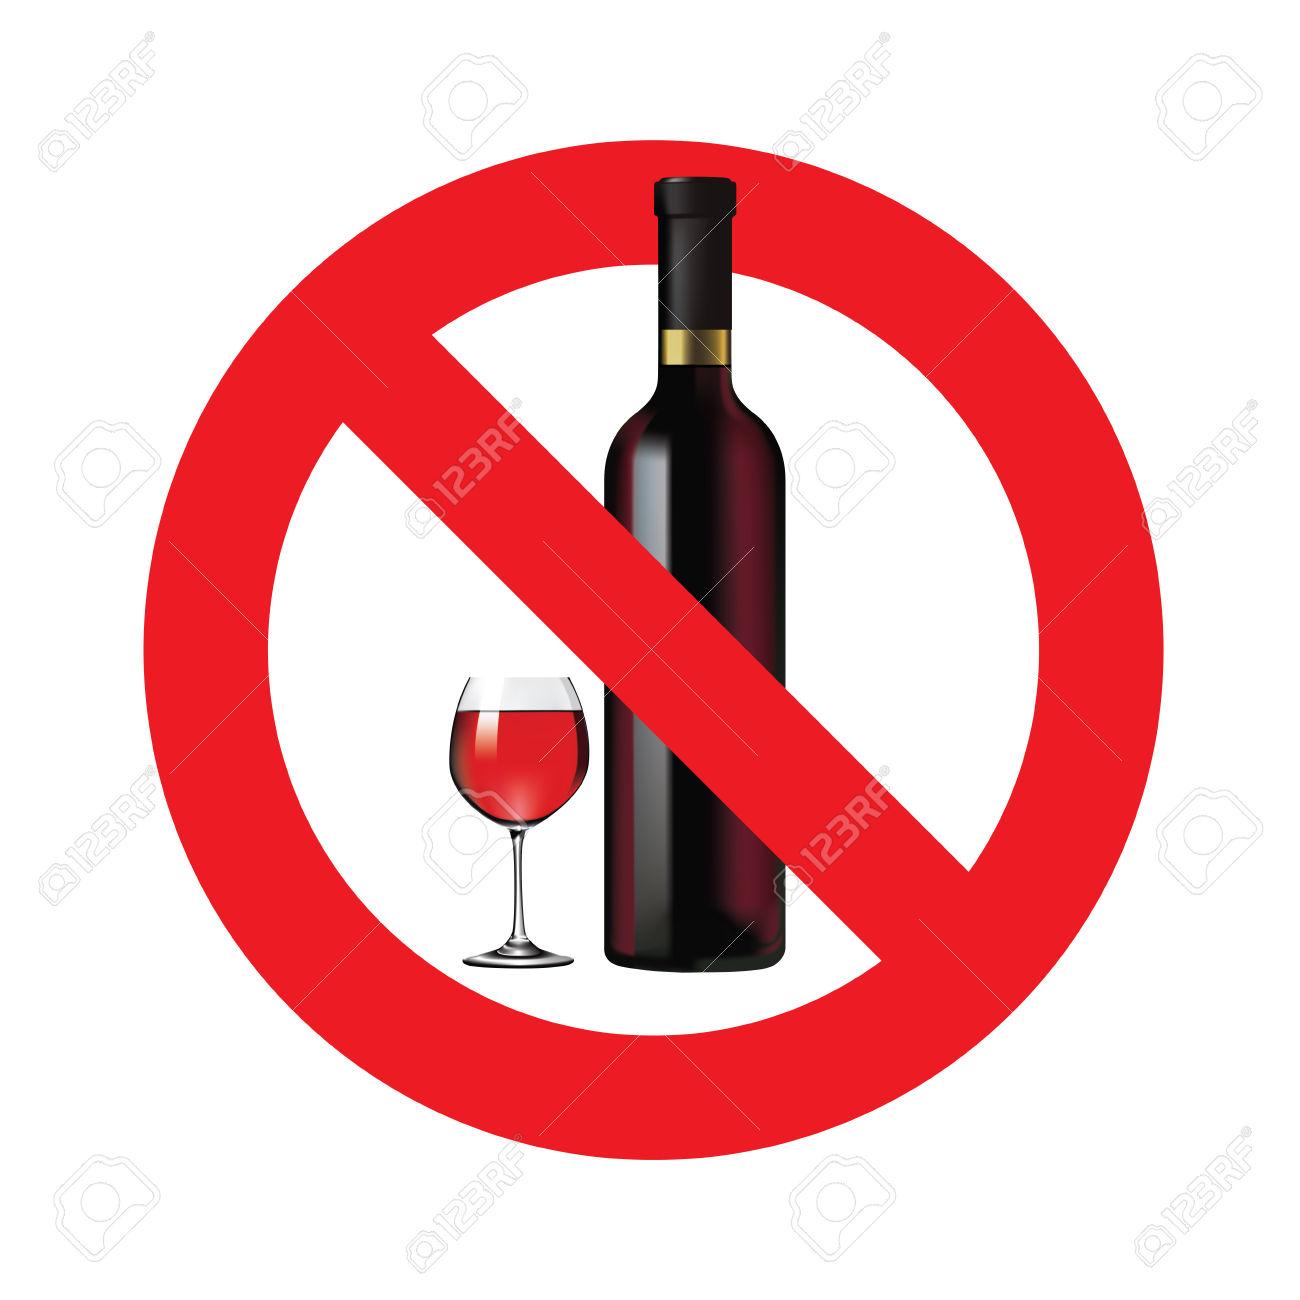 No alcohol cliparts.